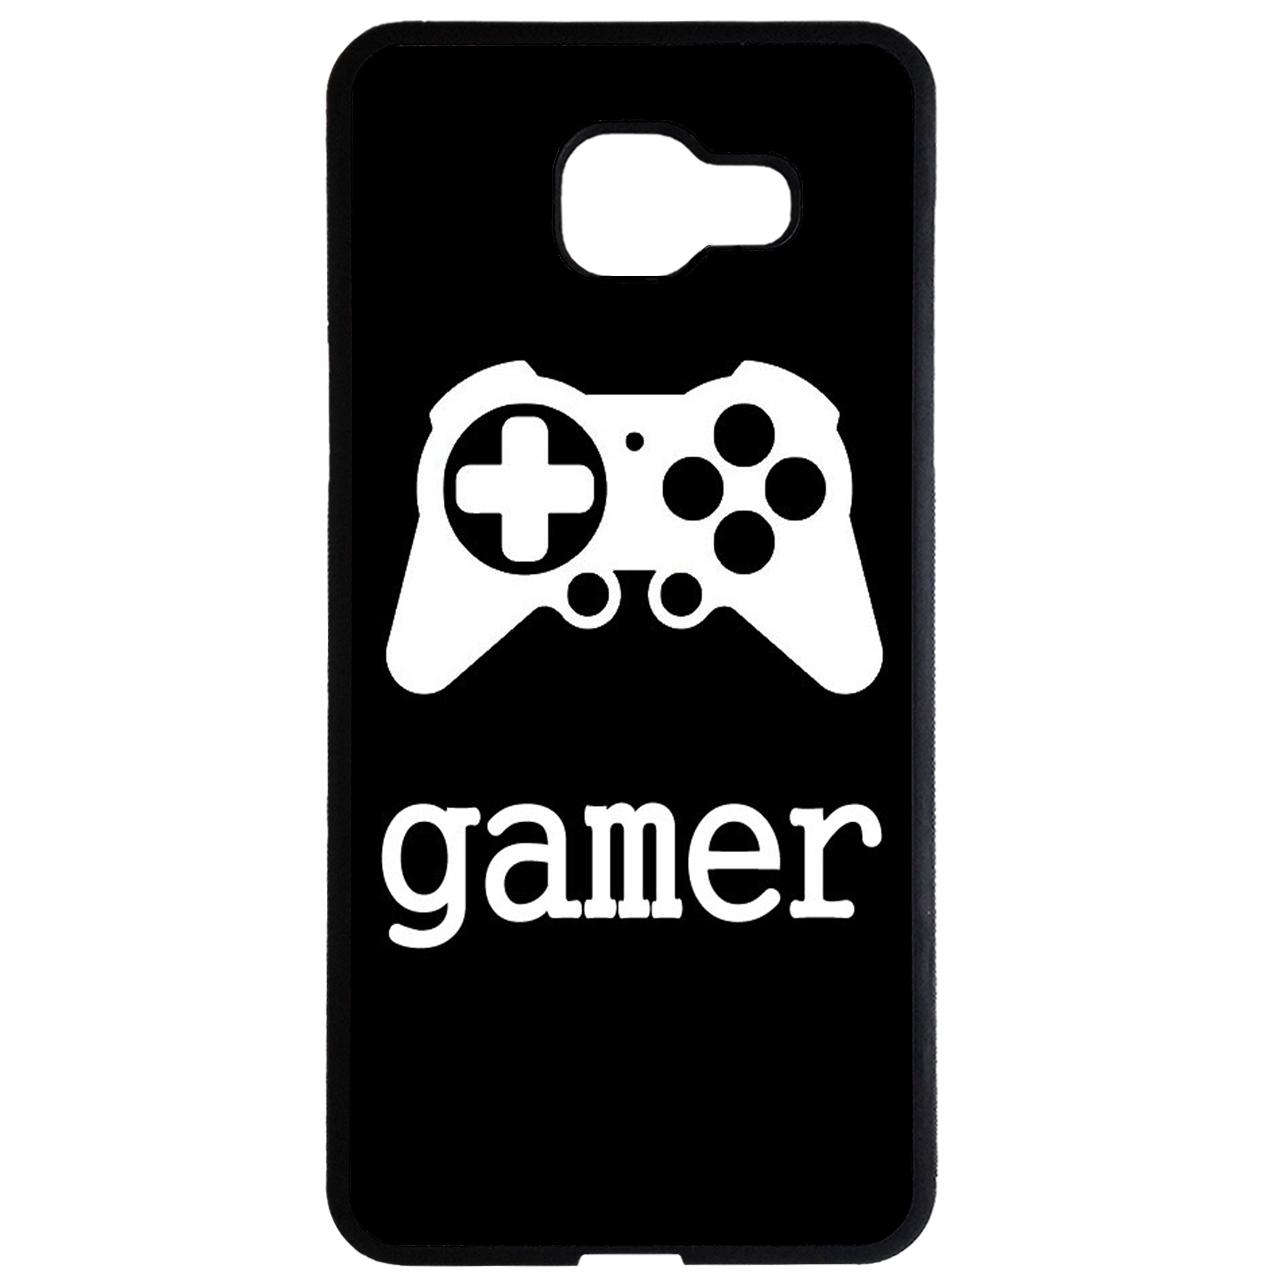 کاور طرح gamer کد 1078 مناسب برای گوشی موبایل سامسونگ galaxy a7 2016